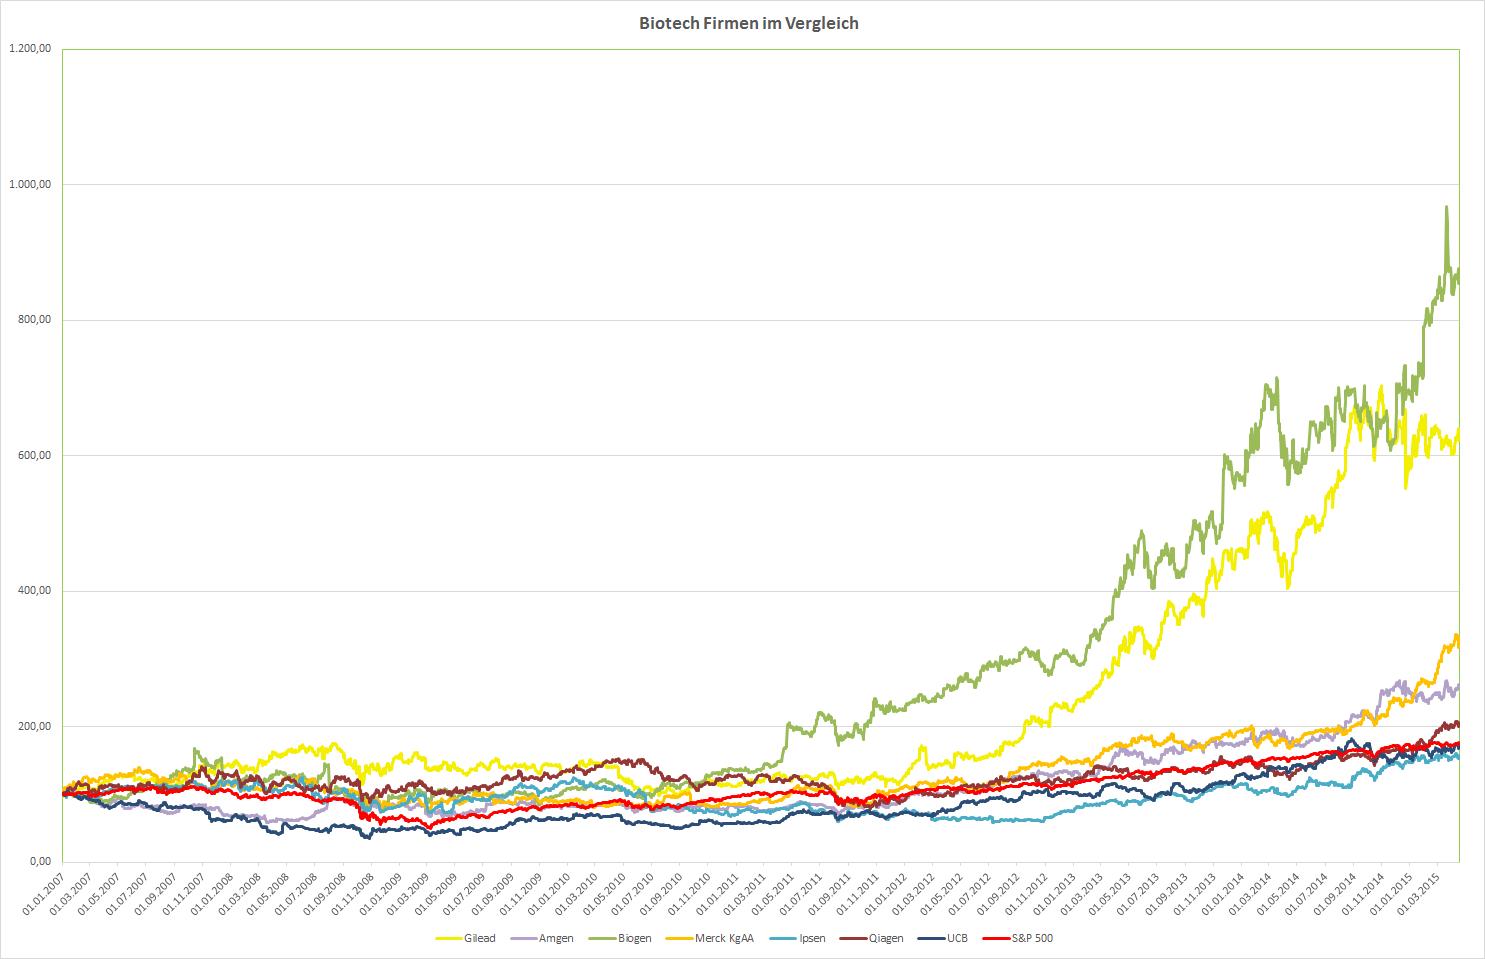 Biotech-Unternehmen im Vergleich seit 2007